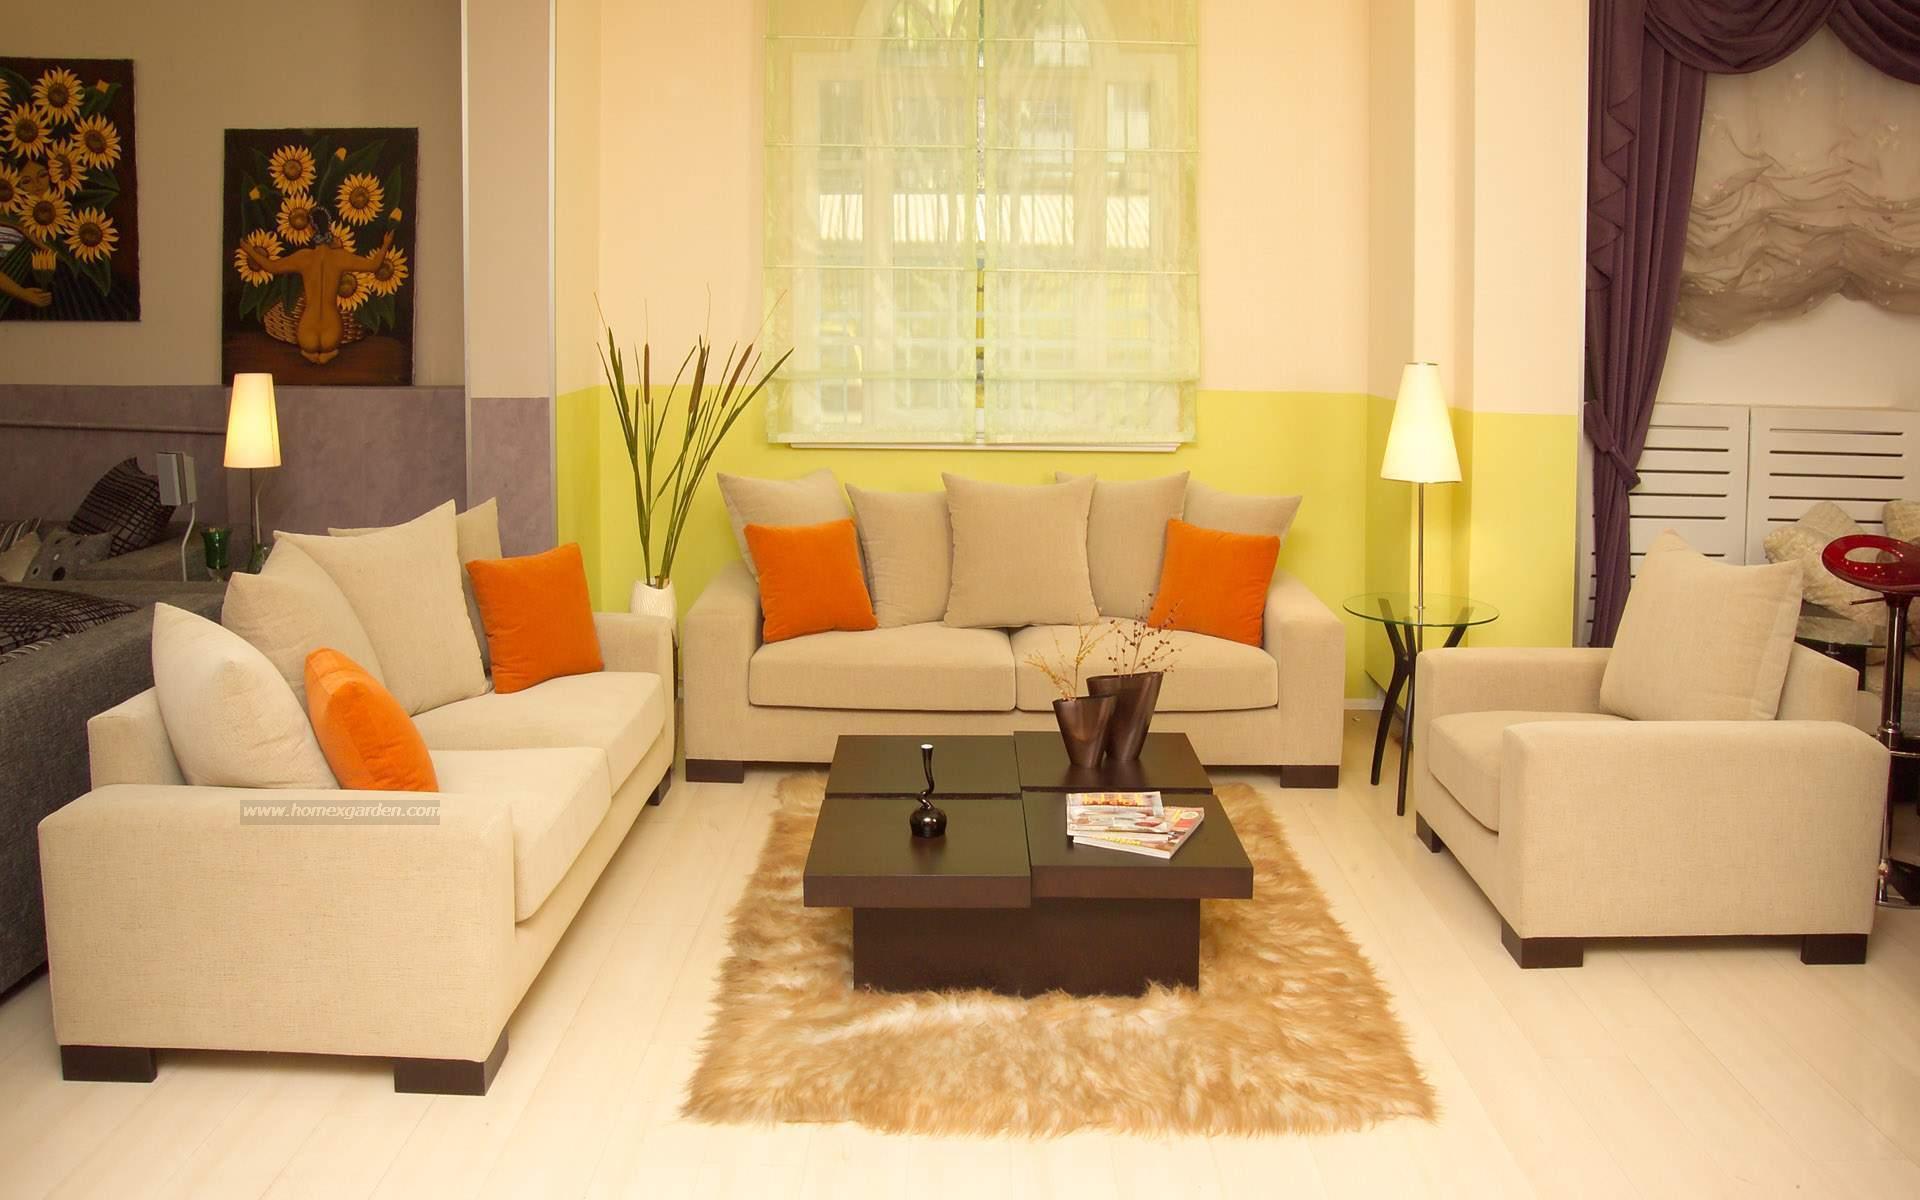 linh hut tai loc vao nha nho chon lua va bay tri sofa ban tra theo phong thuy 49fa197a64 Những lưu ý lựa chọn và bài trí bàn ghế phòng khách